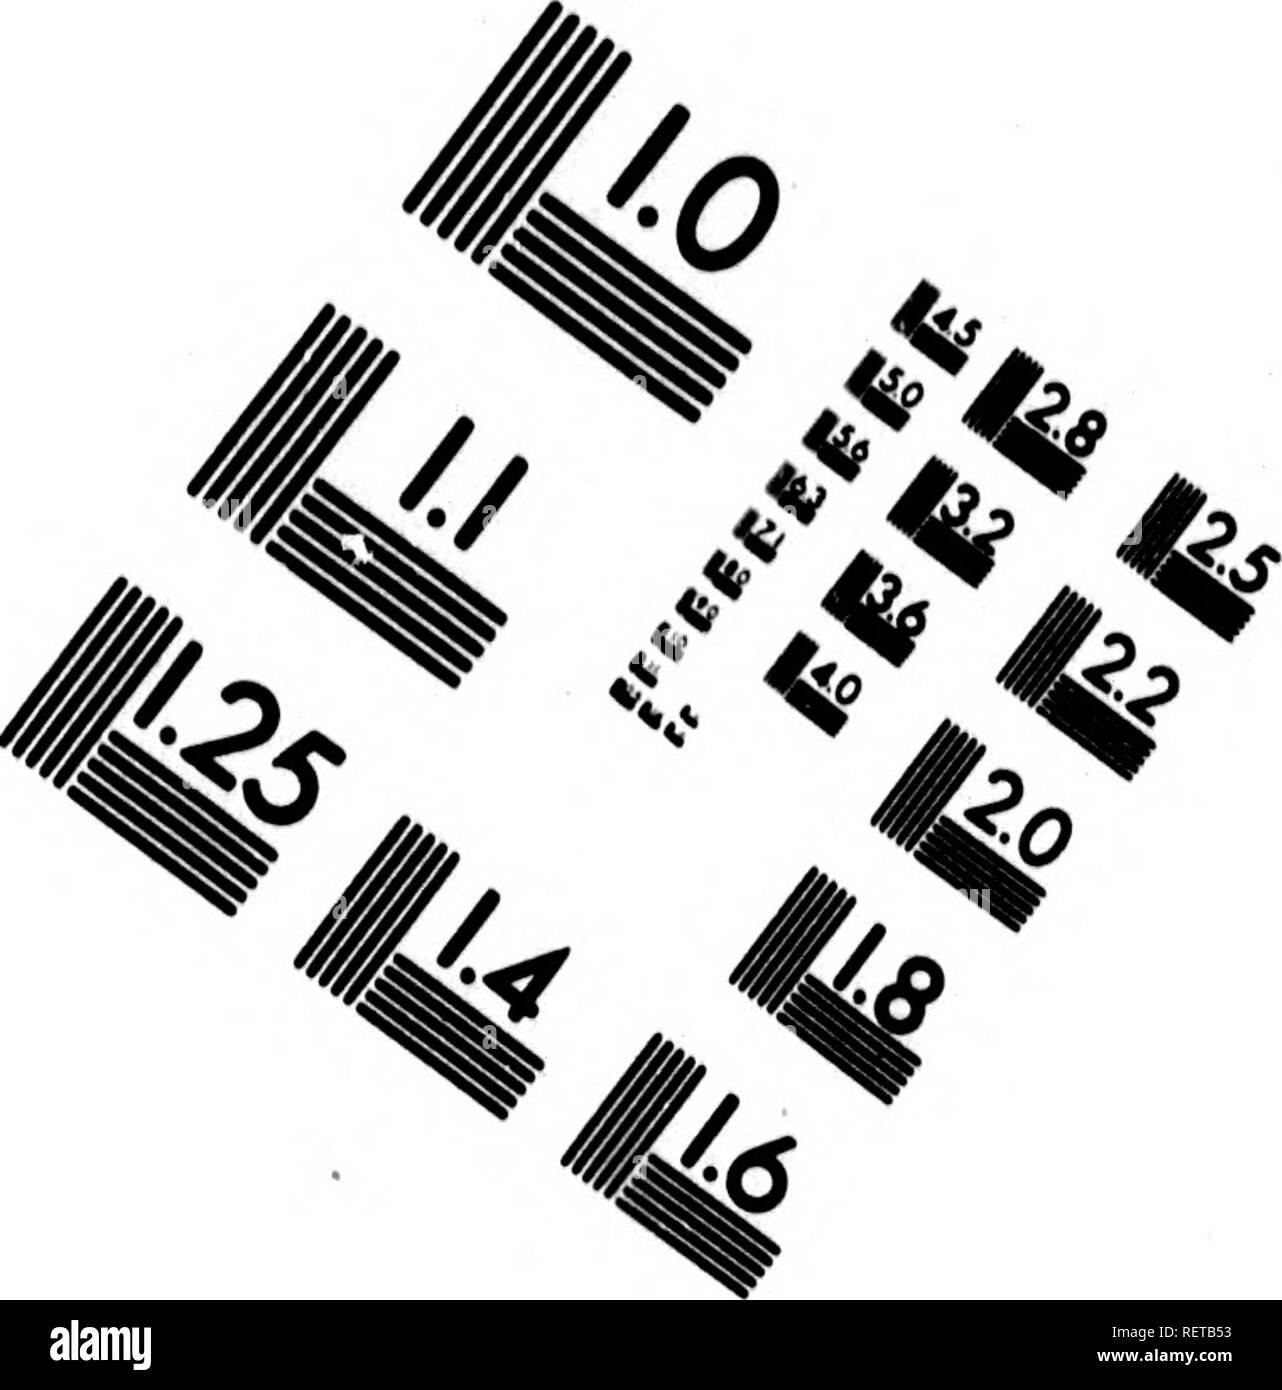 . Histoire naturelle, générale et particulière [microforme] : servant de suite à la théorie de la terre, & d'introduction à l'histoire des miné raux. Sciences naturelles; Natural history. IMAGE EVALUATION TEST TARGET (MT-3). 1.0 l.l UllS 125 â 50 ^^^ INlHi 1.8 IL25 1111.4 I I 1.6. Please note that these images are extracted from scanned page images that may have been digitally enhanced for readability - coloration and appearance of these illustrations may not perfectly resemble the original work.. Buffon, Georges Louis Leclerc, comte de, 1707-1788. A Paris : De l'Imprimerie royale - Stock Image